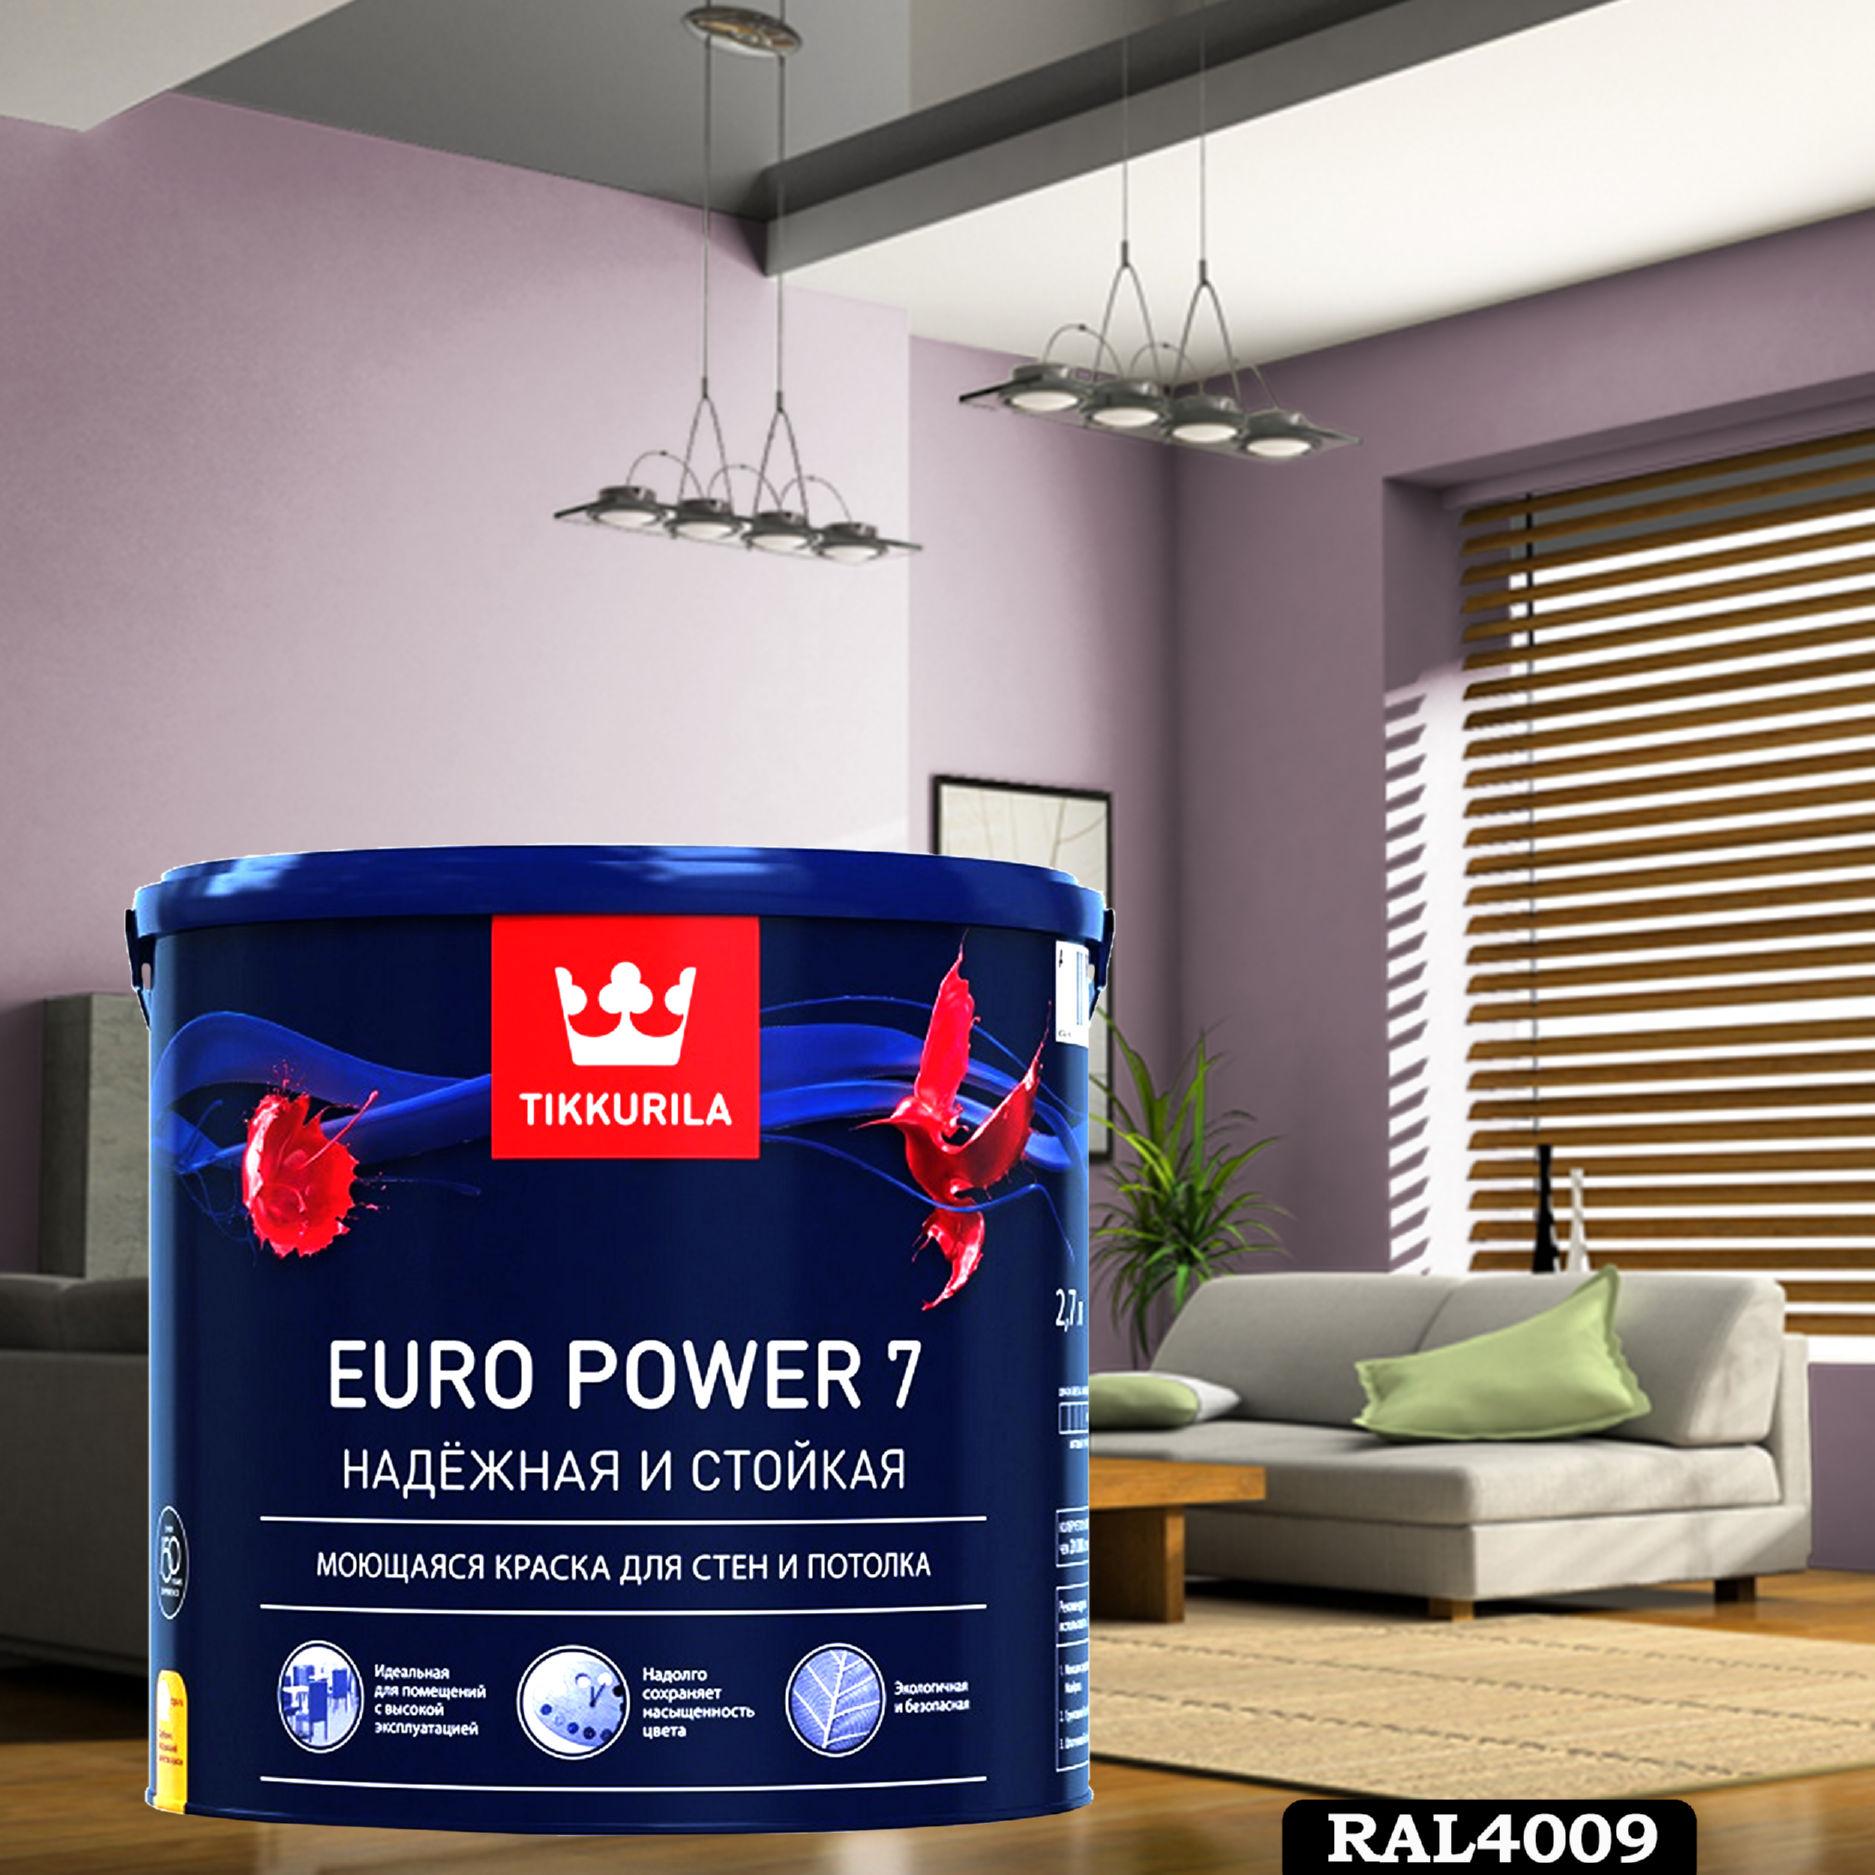 Фото 9 - Краска TIKKURILA Euro Power 7,  RAL 4009 Пастельно-фиолетовый, латексная моющаяся матовая интерьерная, 9 л.